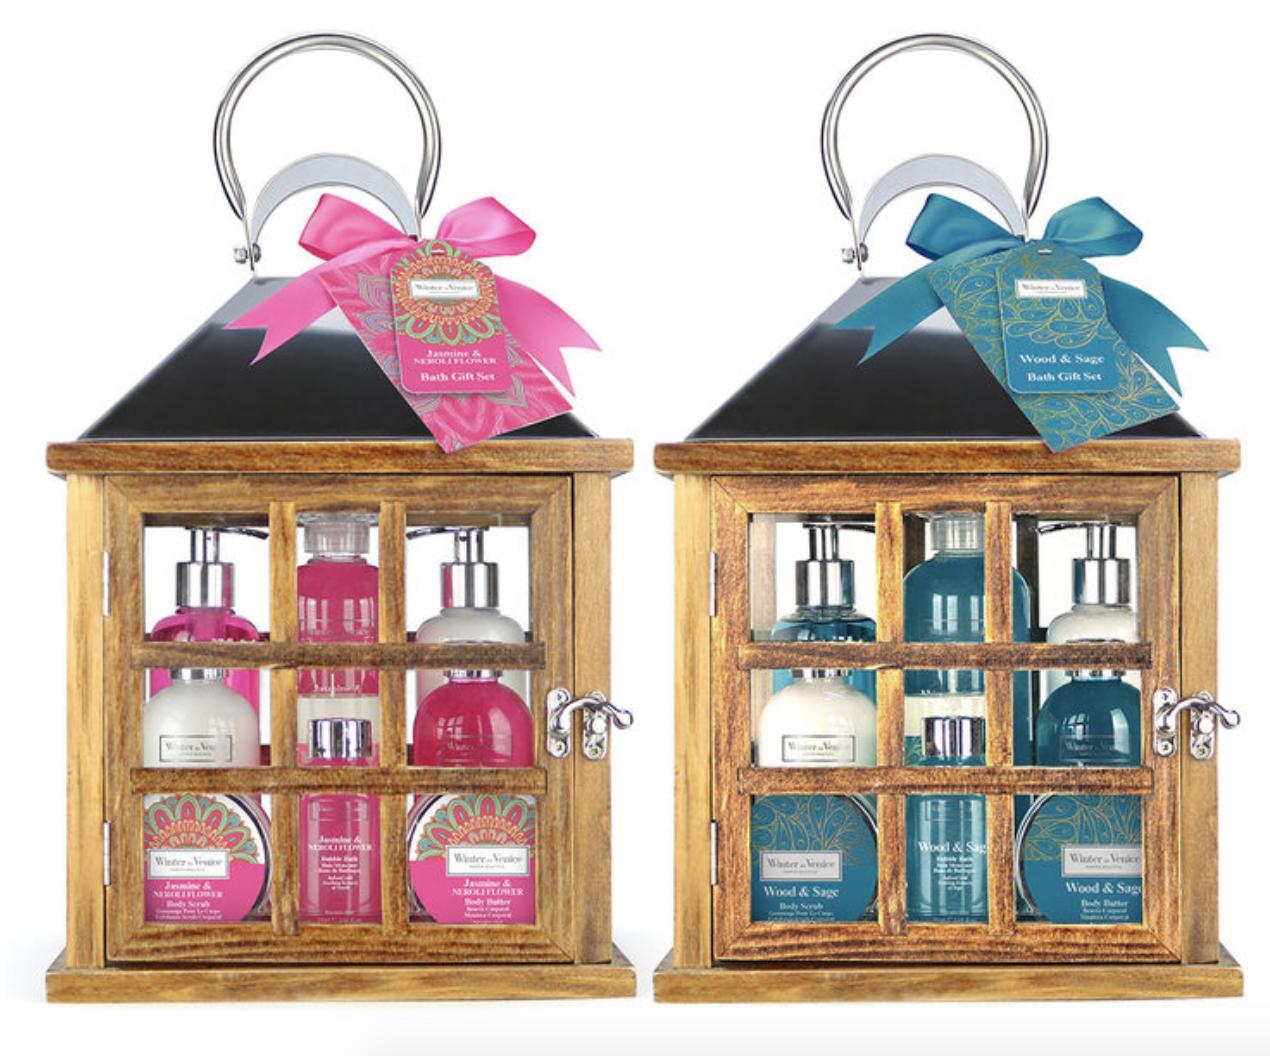 Winter in Venice Lantern Bath Gift Set - £20.38 @ Costco